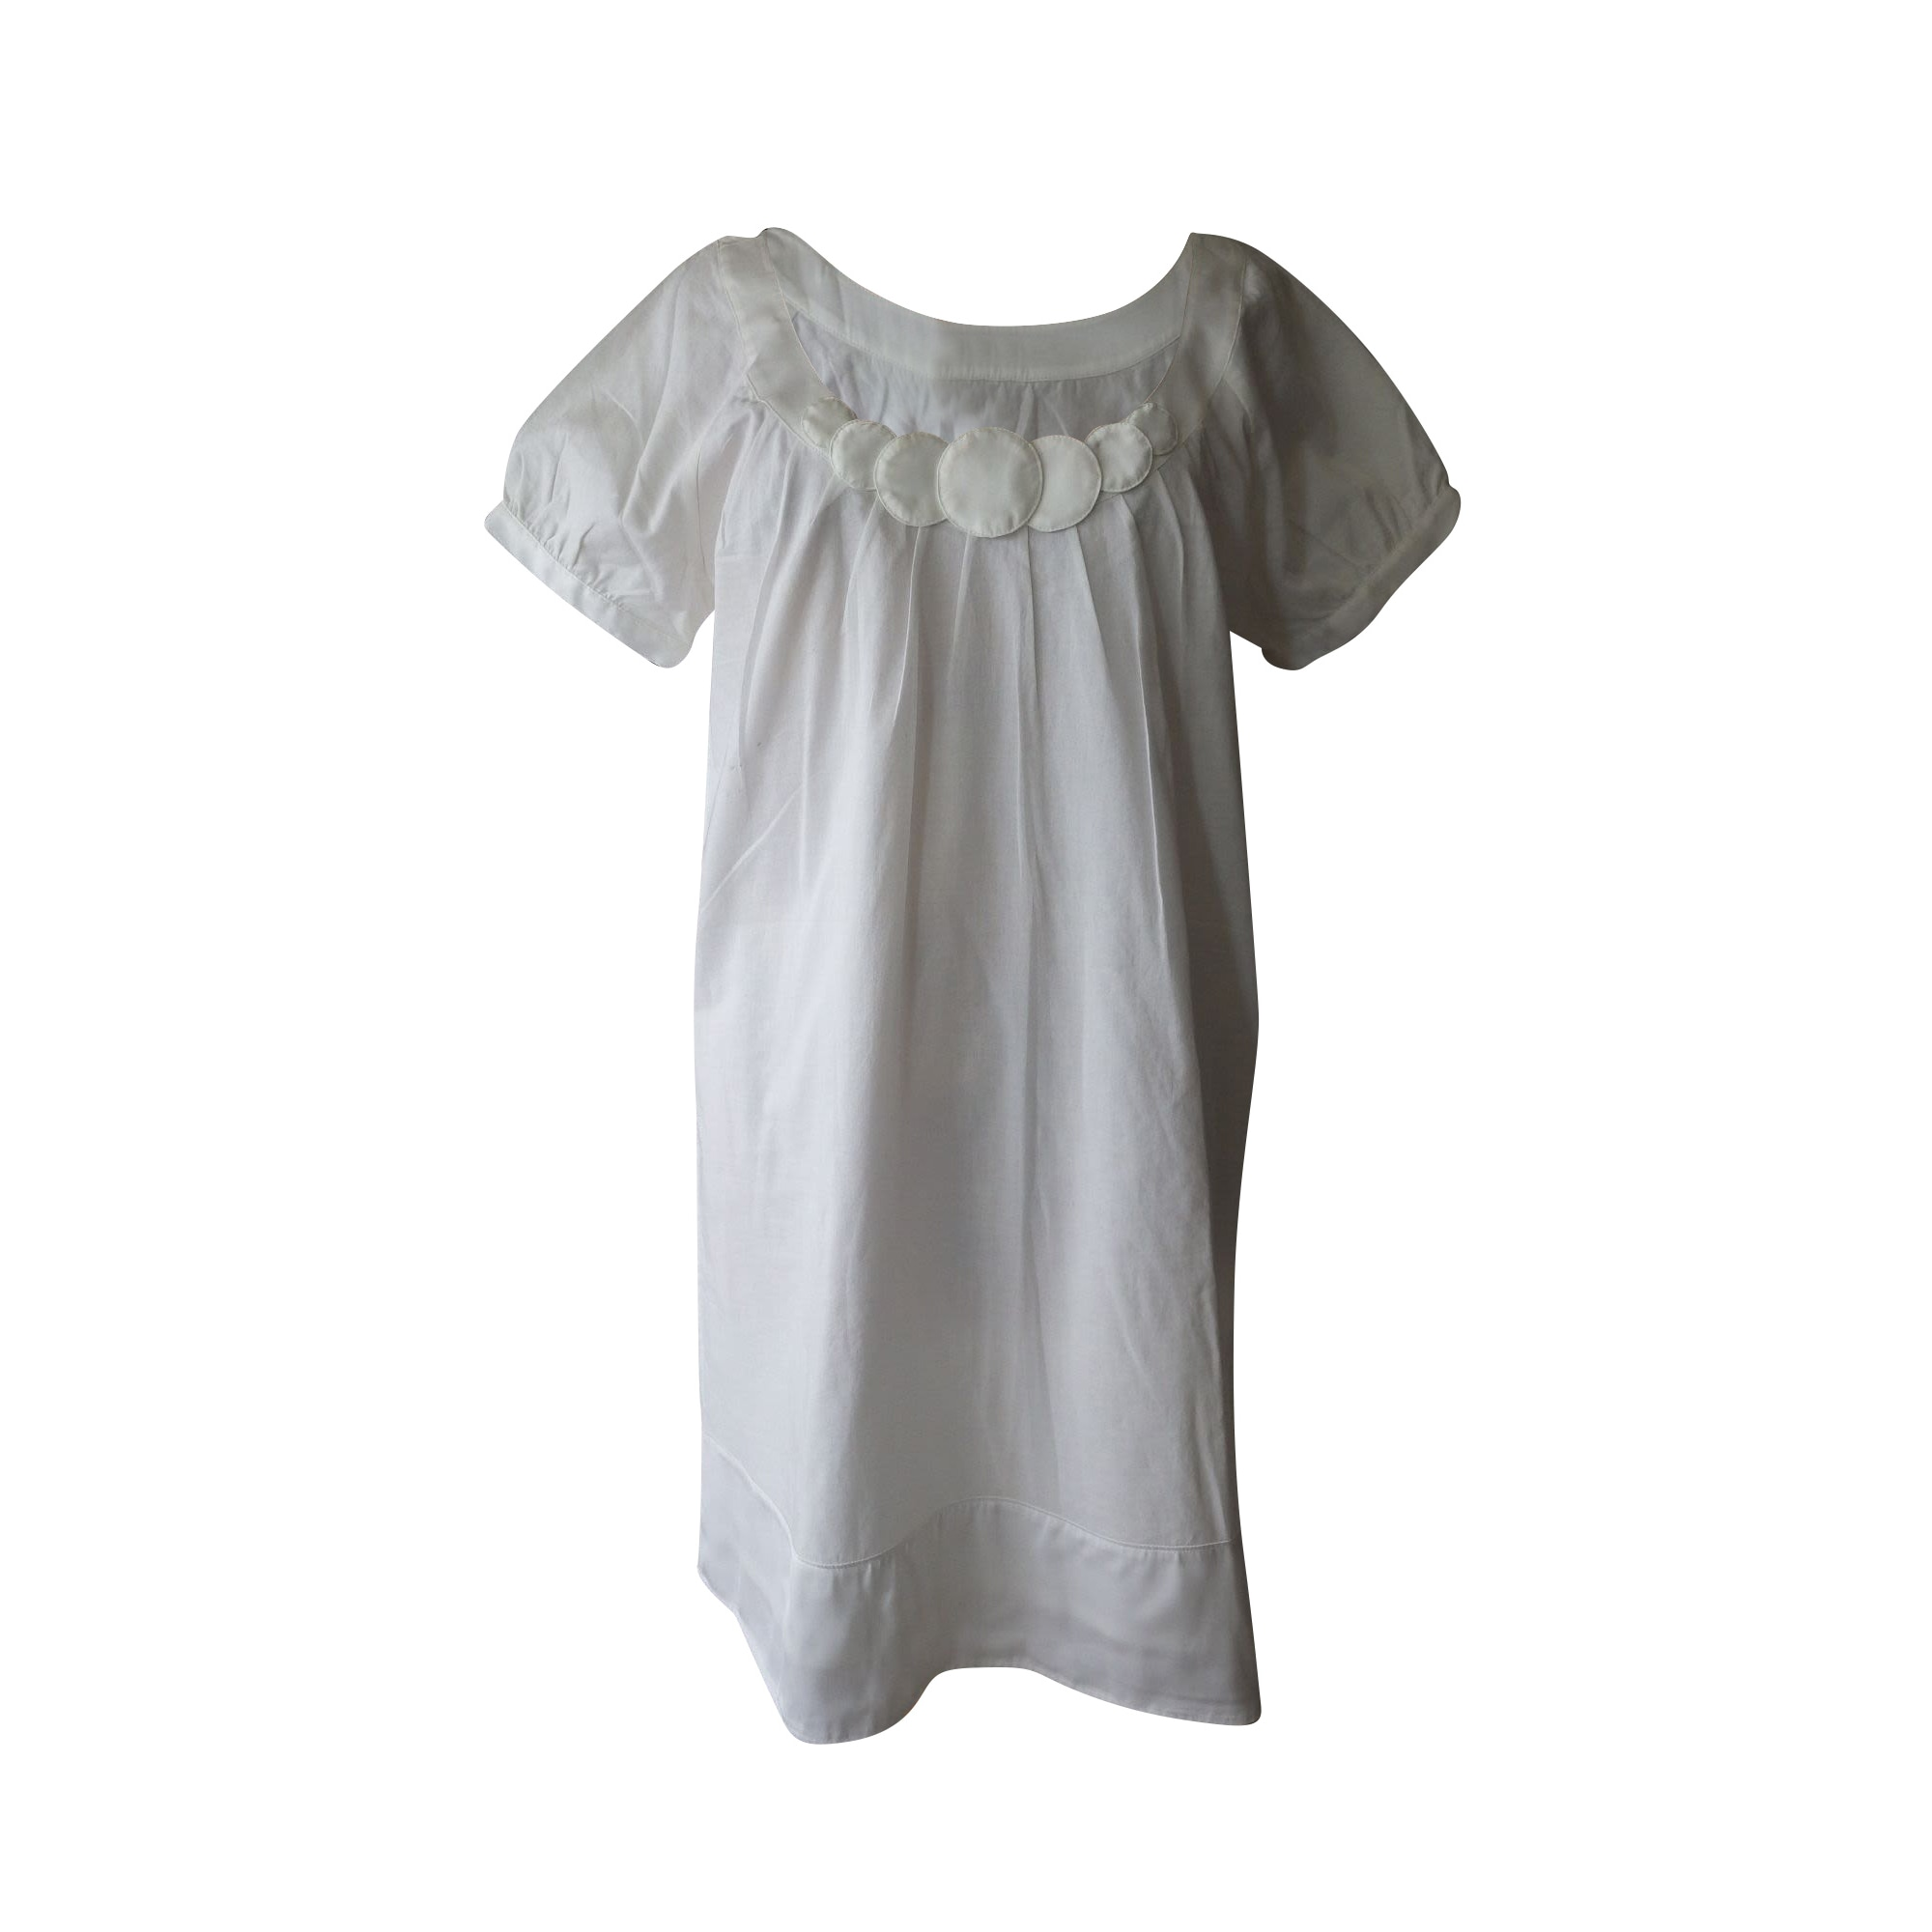 Midi Dress ALAIN MANOUKIAN White, off-white, ecru